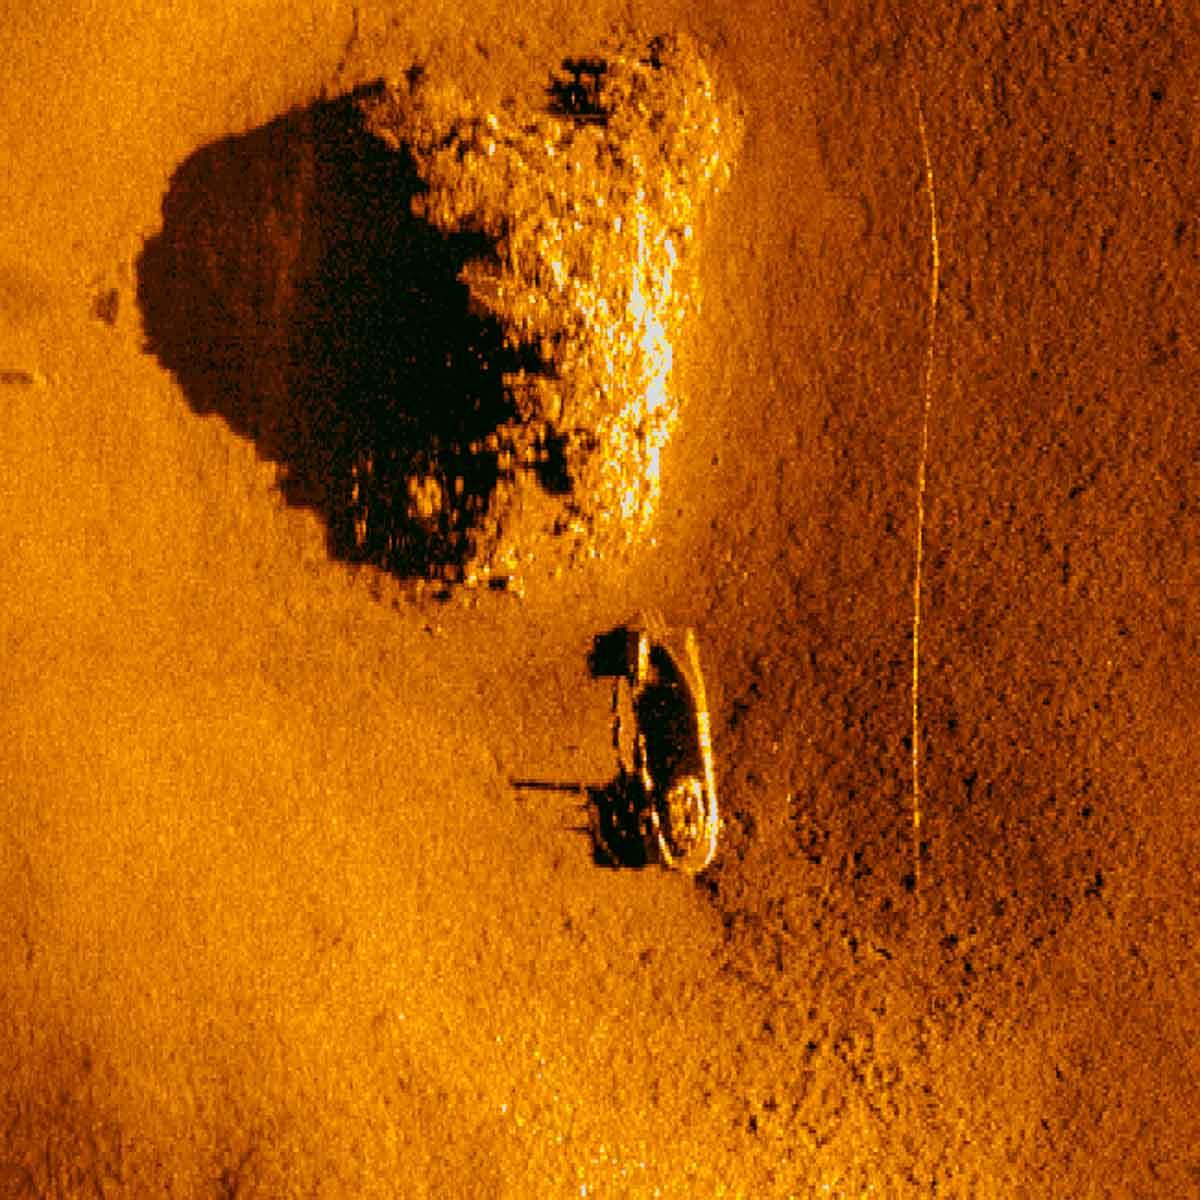 Sonar Image of Japanese Landing Craft Truk Lagoon